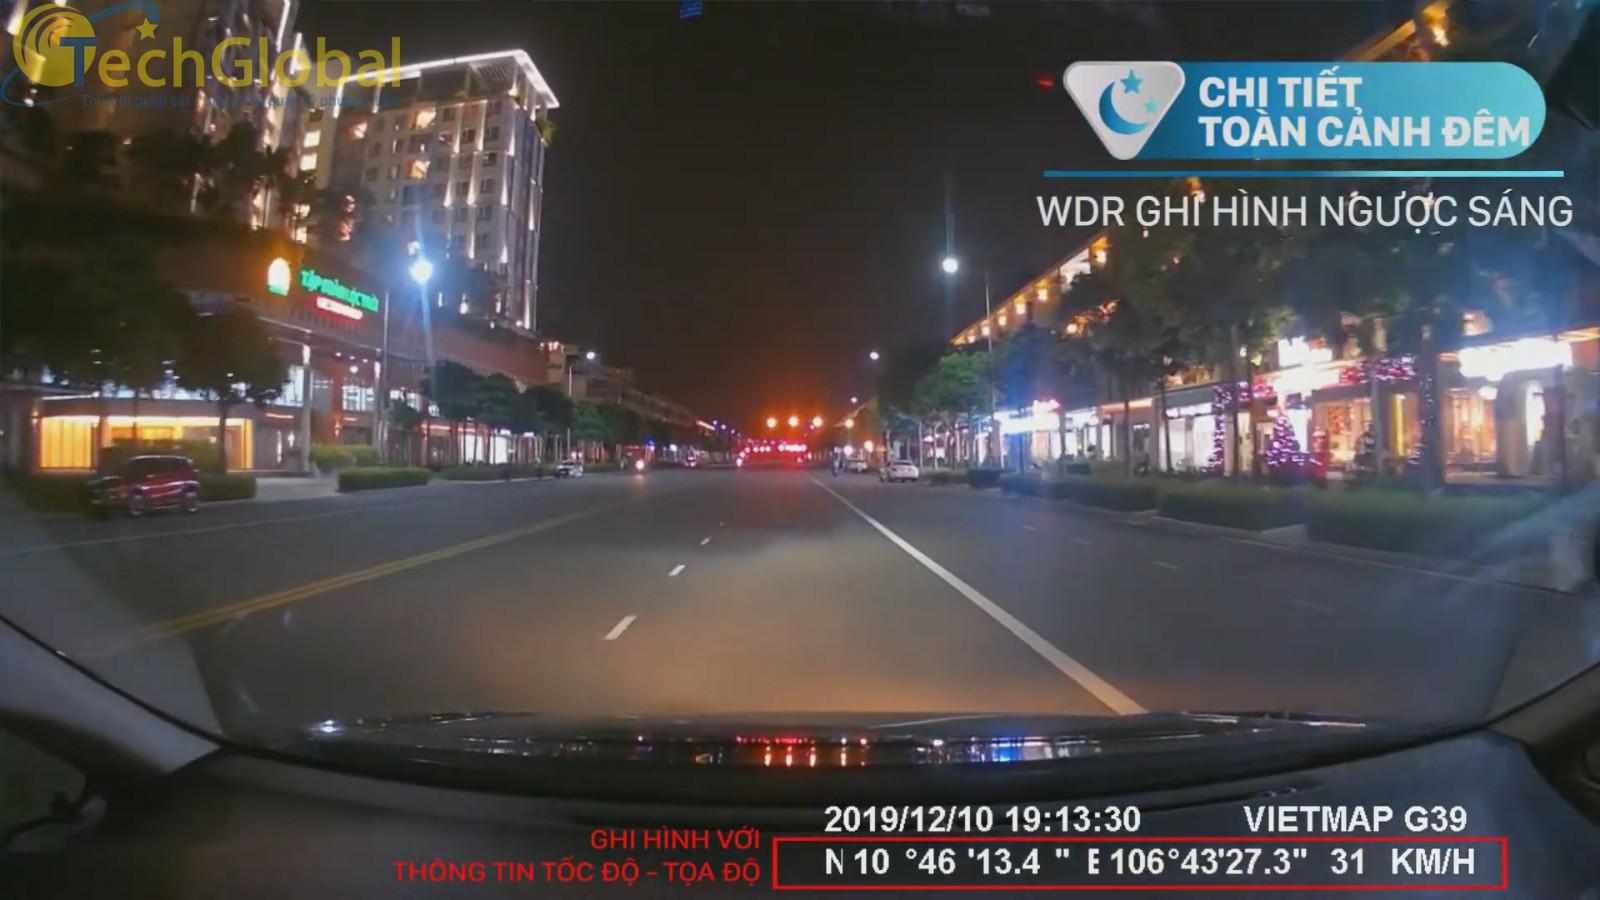 Vietmap G39 ghi hình ban đêm rõ nét với thông tin tốc độ, toạ độ chi tiết